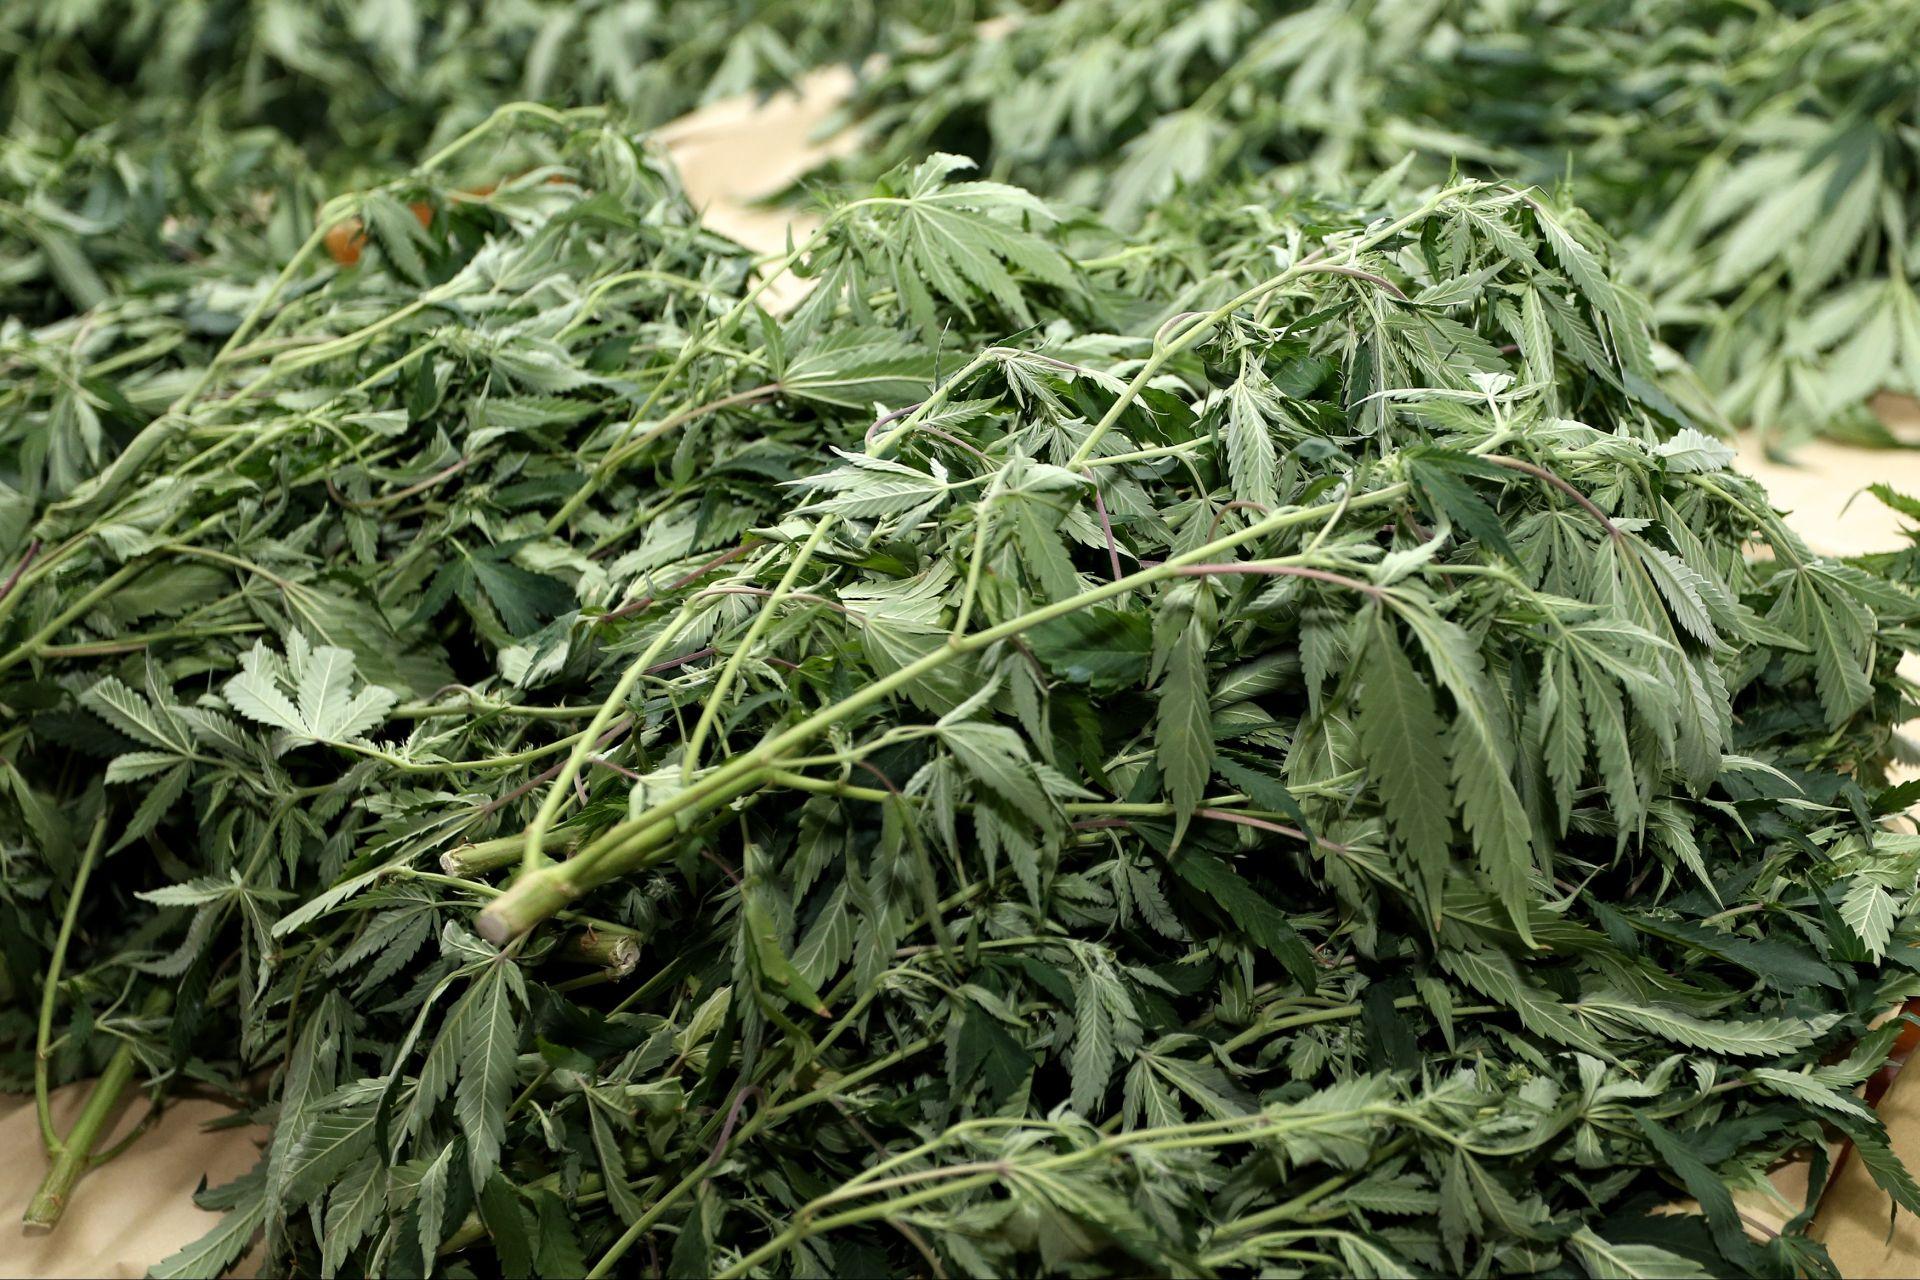 NOVA STUDIJA POKAZALA Terapeutska svojstva marihuane su ograničena